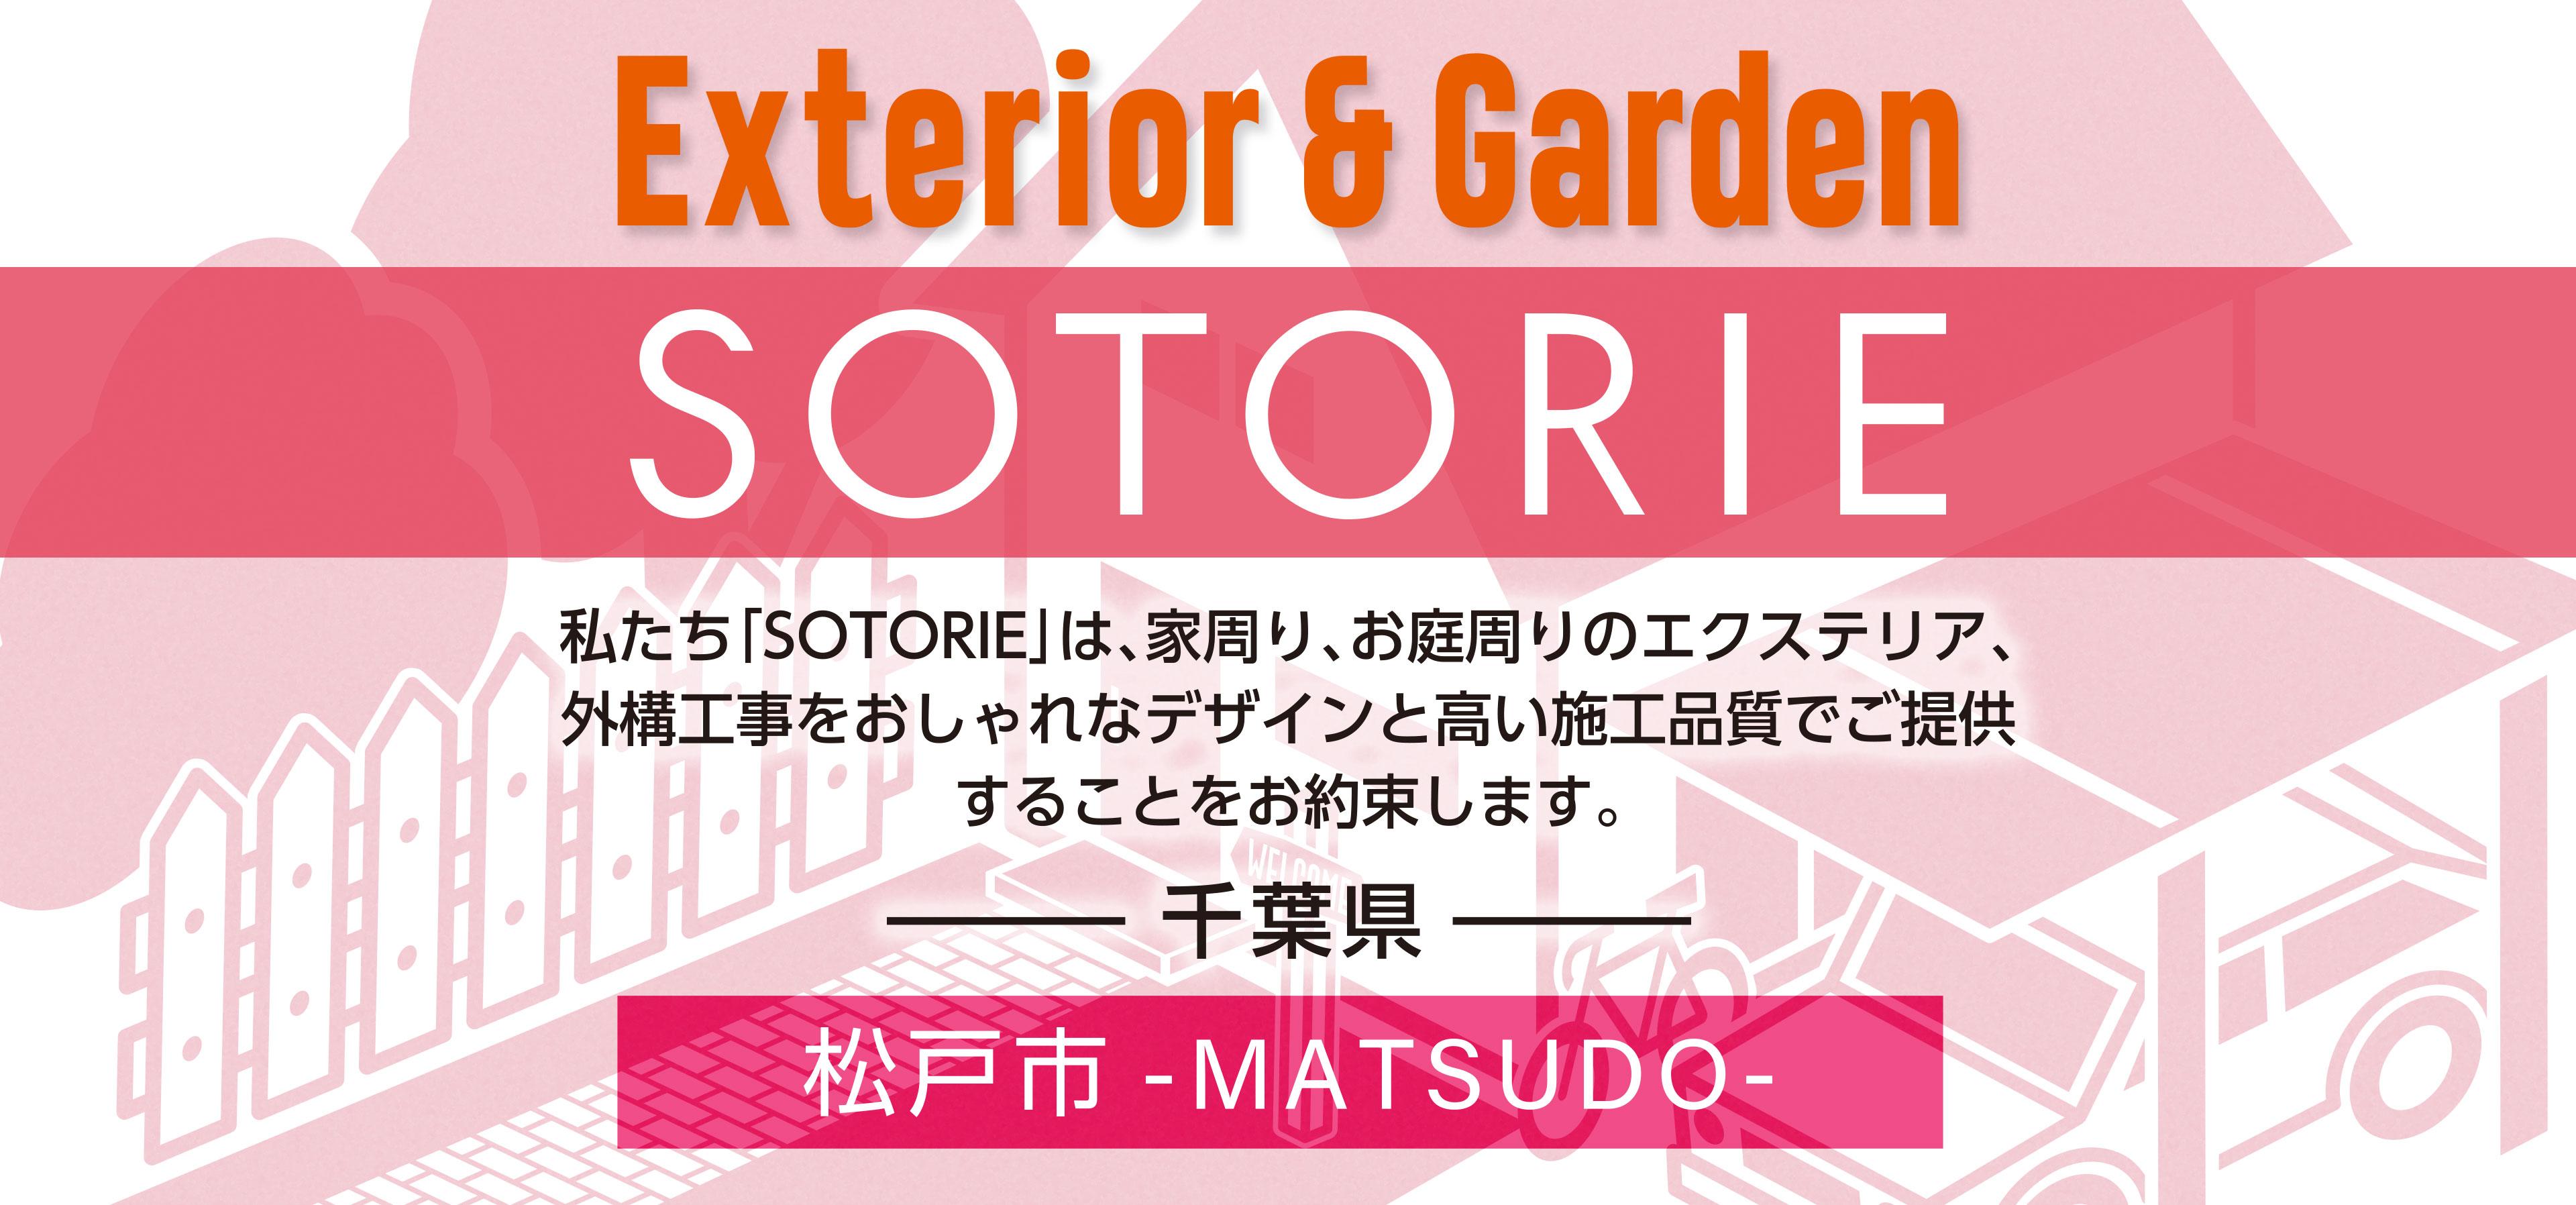 ソトリエ松戸市では、家周りと庭周りの外構、エクステリア工事をおしゃれなデザインと高い施工品質でご提供することをお約束します。